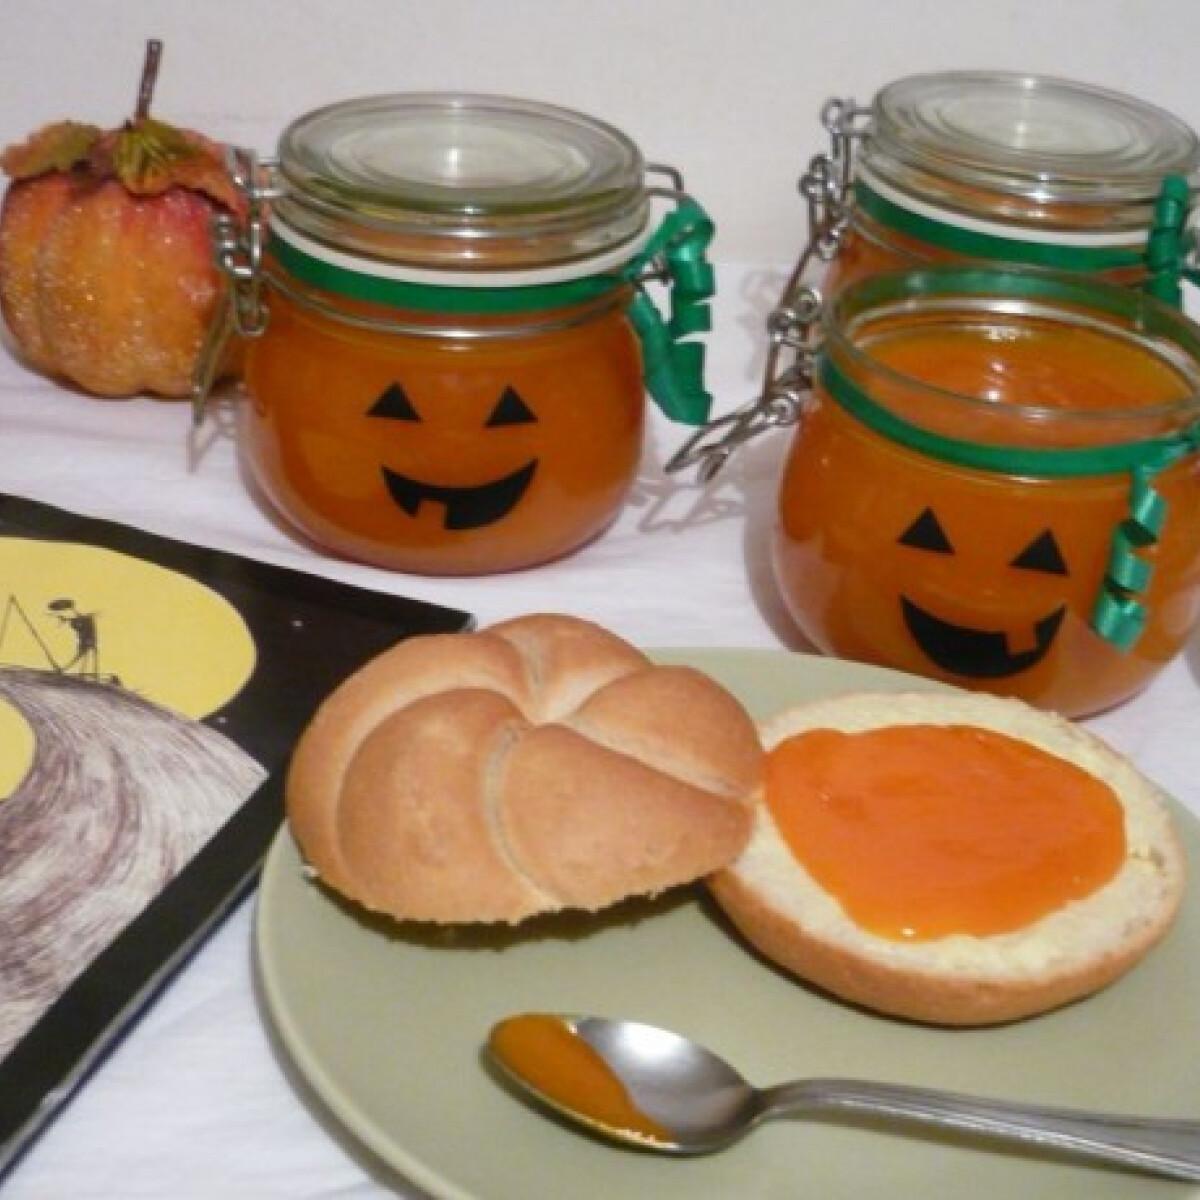 Narancsos sütőtöklekvár KönyvParfétól